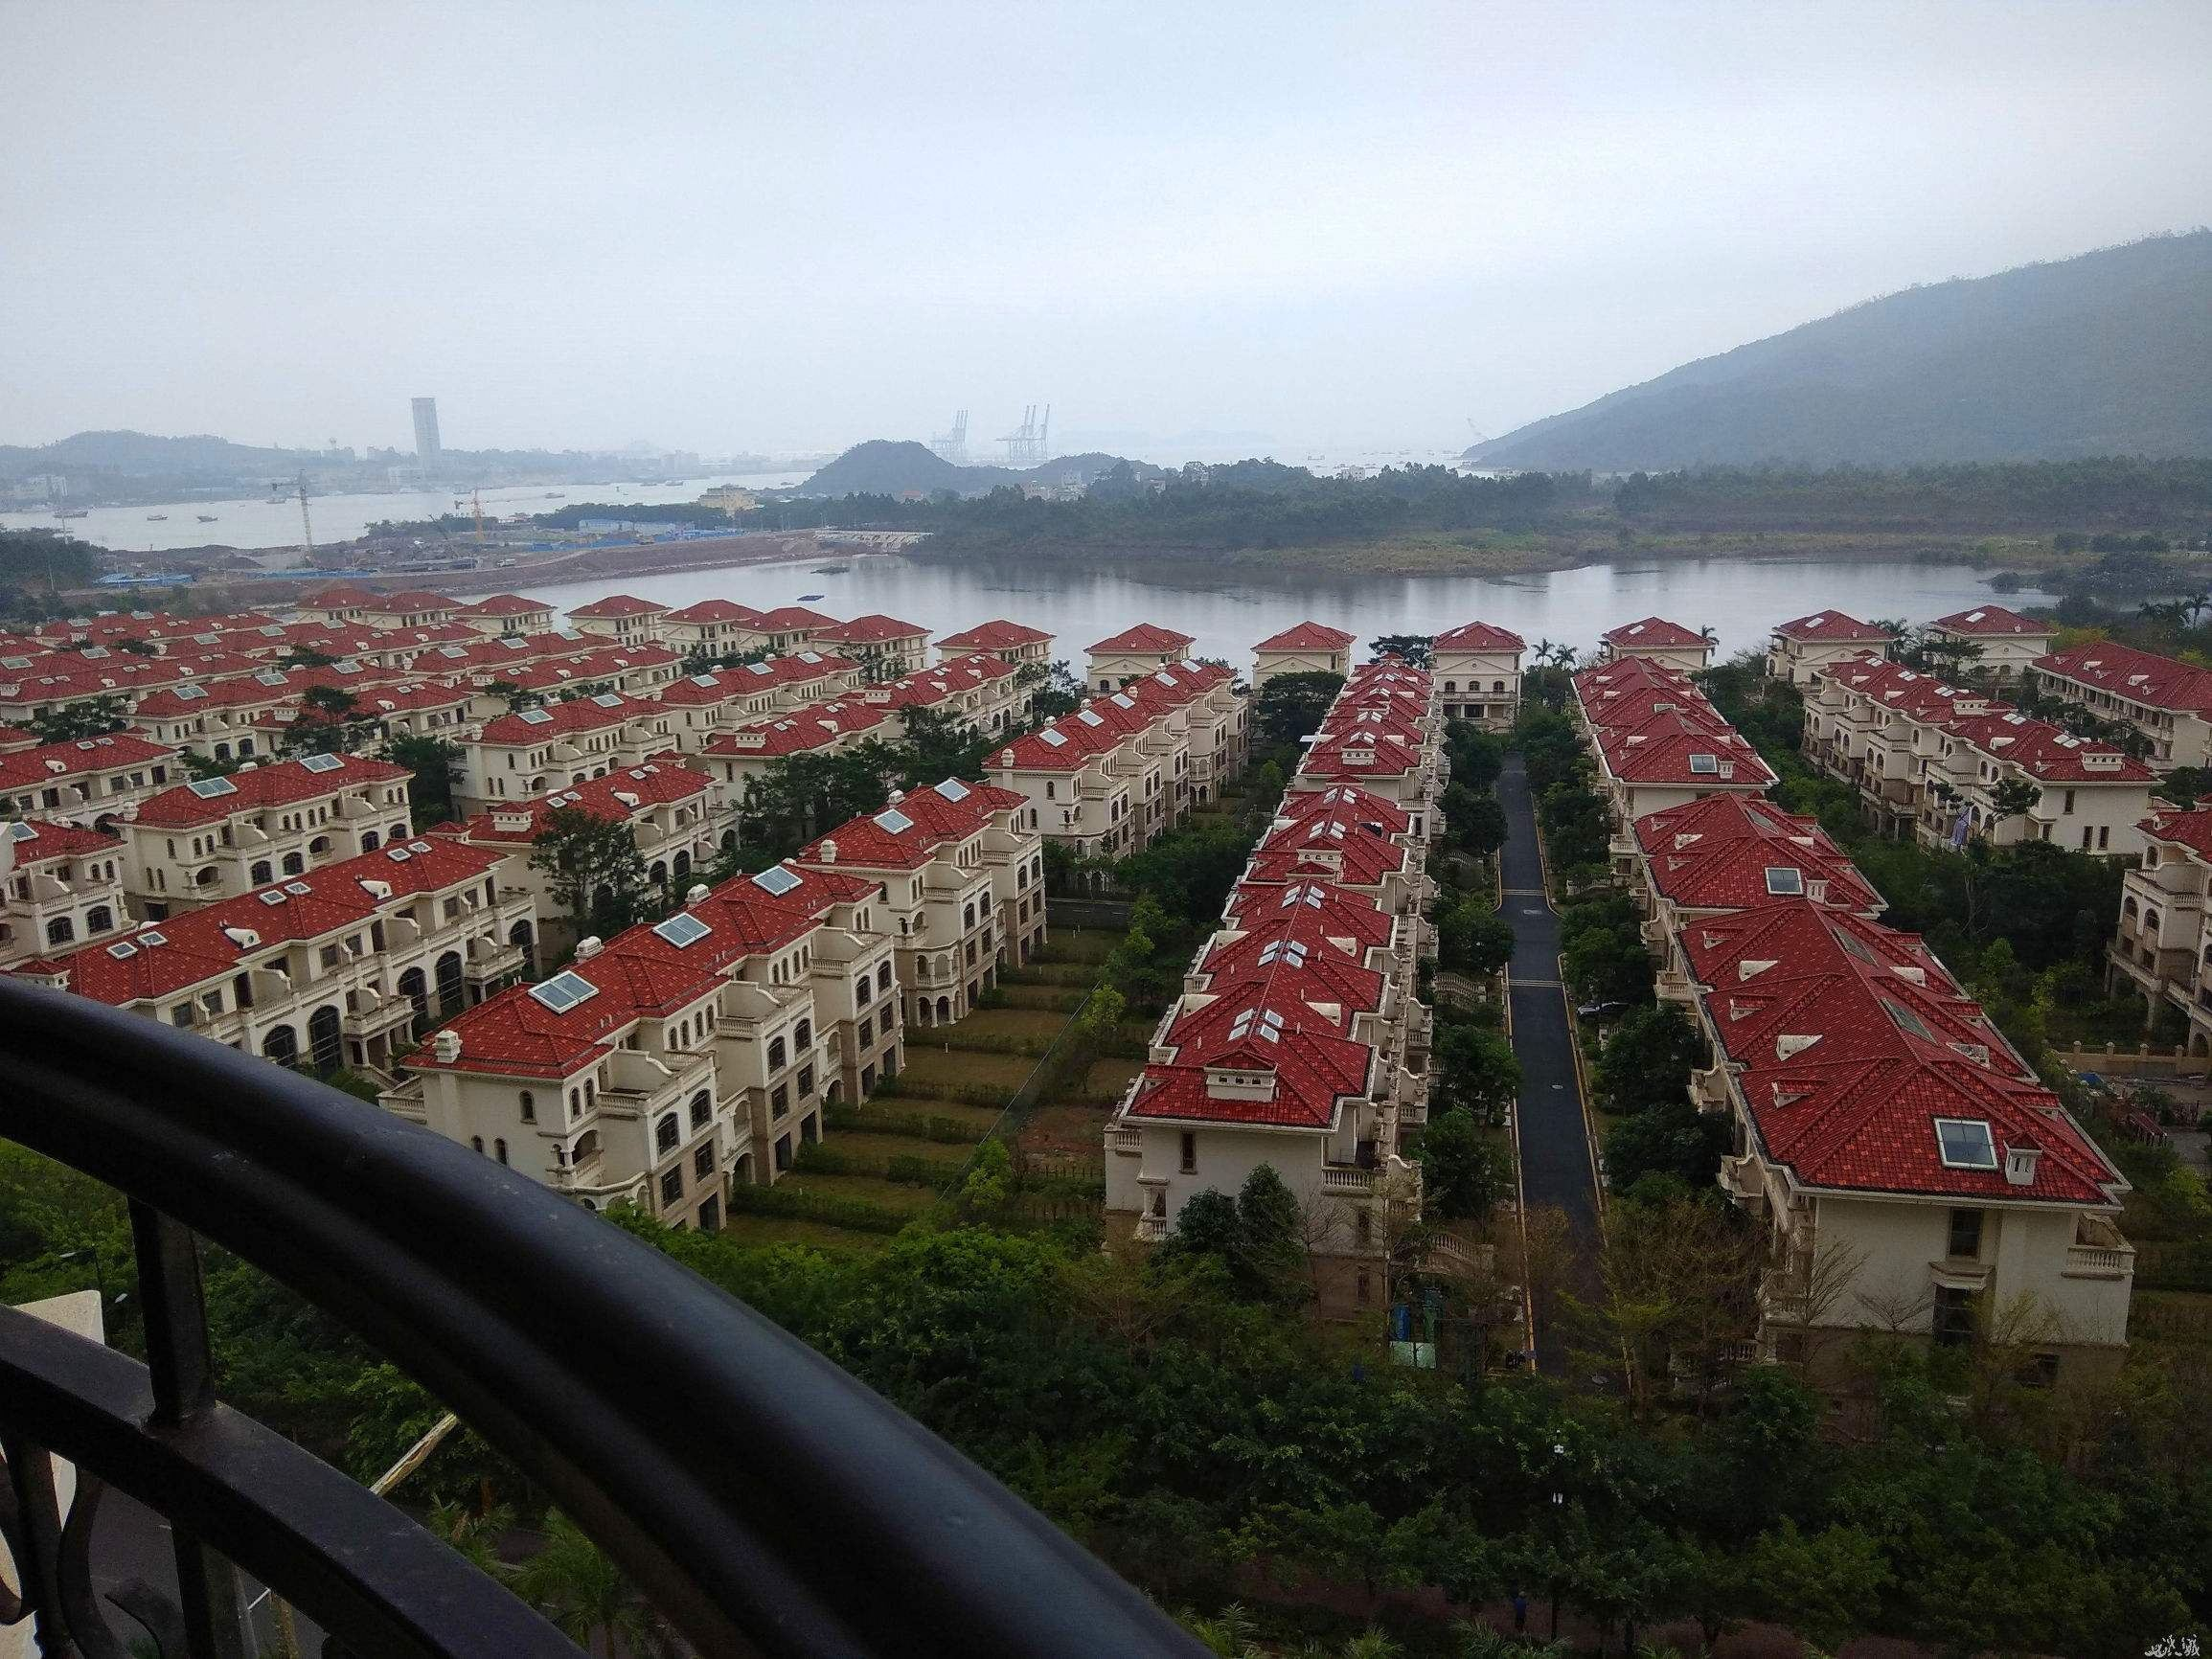 中国第一个成立大学的村子:坐拥三项中国第一,影响力已全国第二